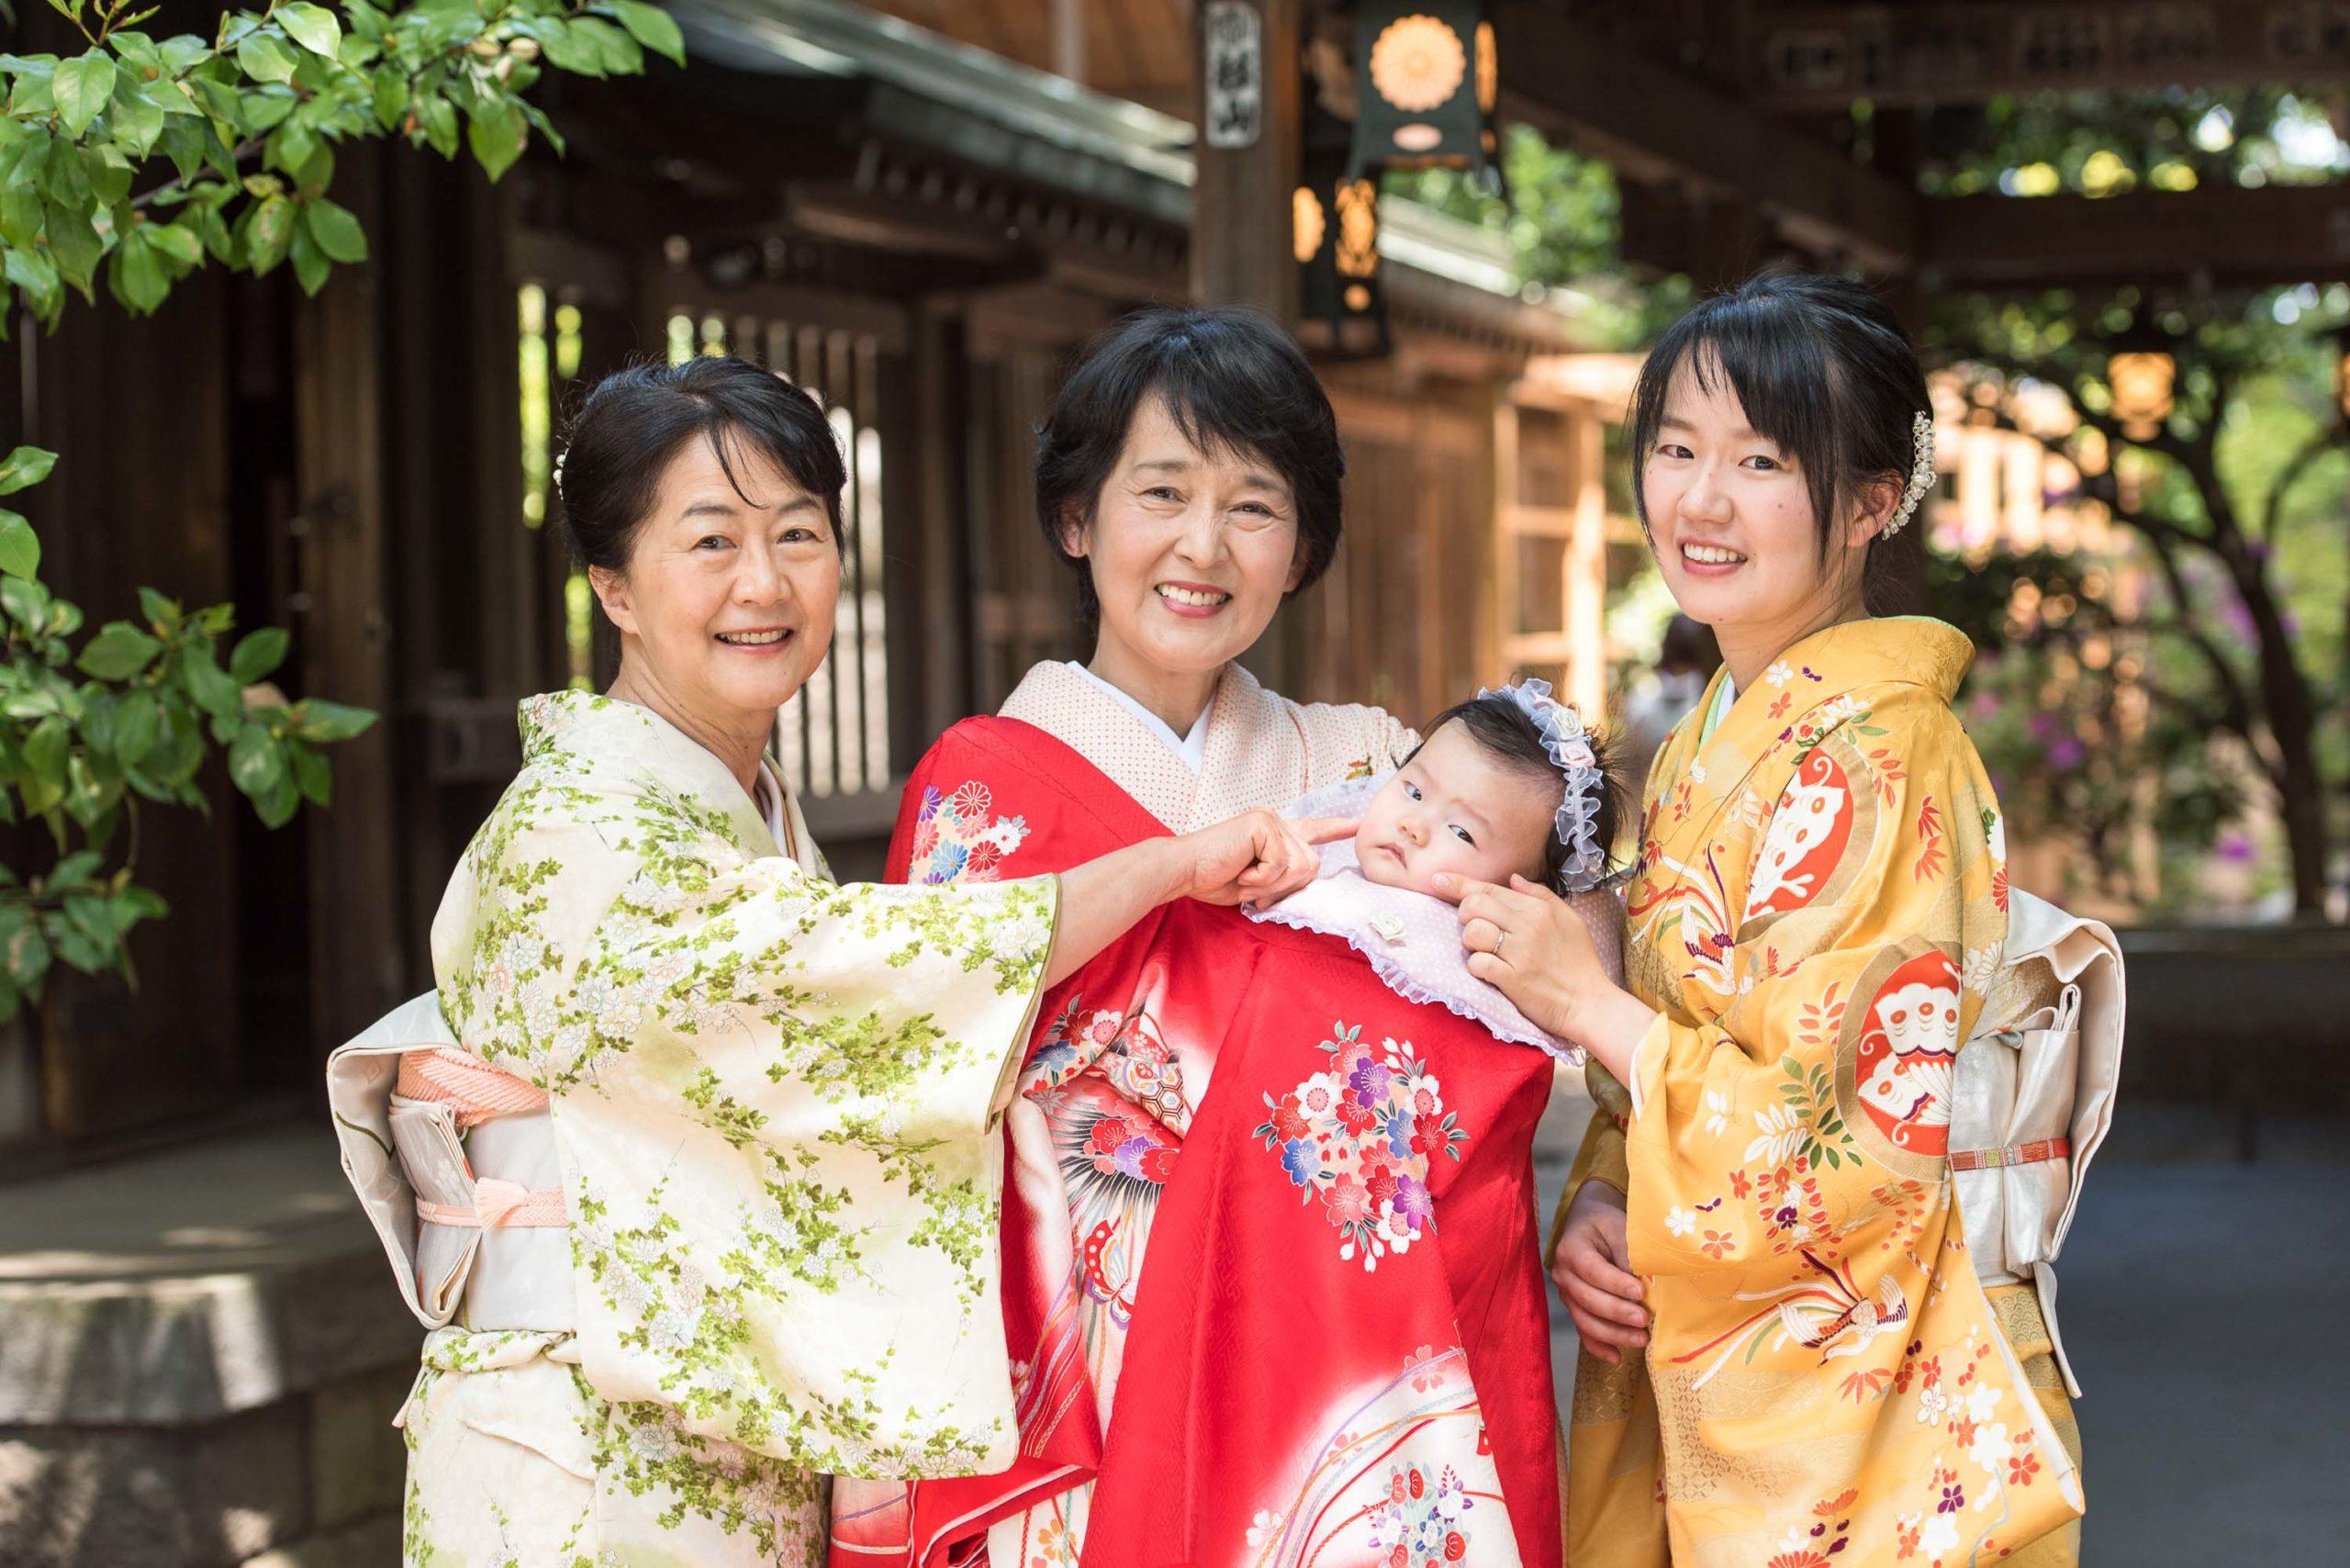 着物を着て並ぶ三人の女性真ん中の女性が赤ちゃんを抱いている